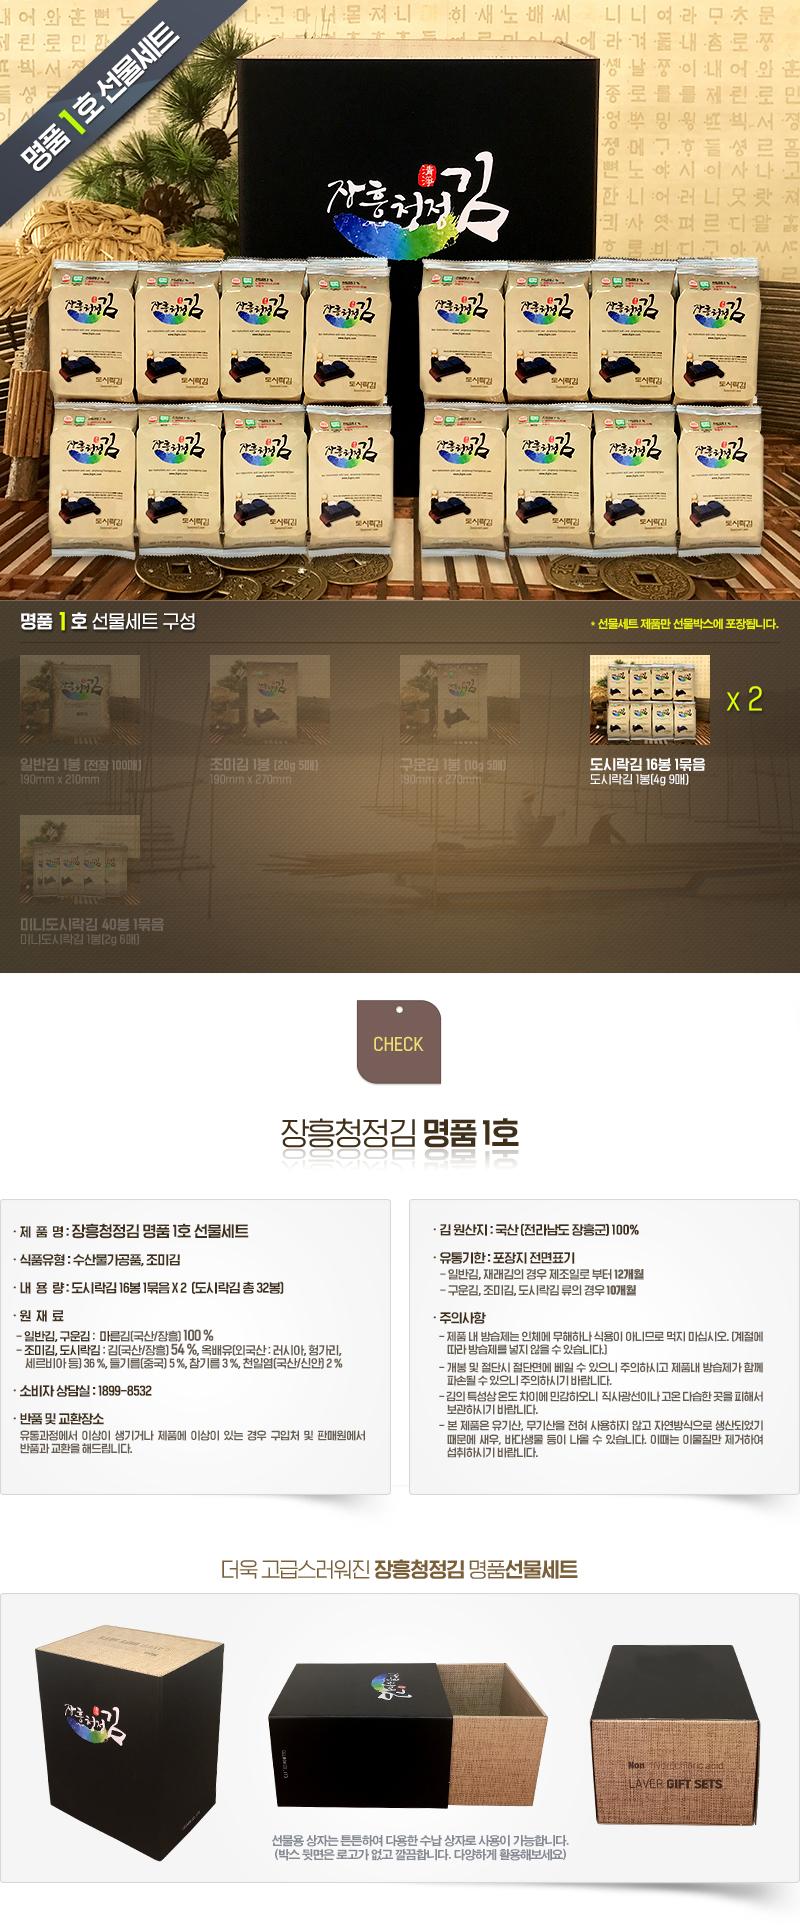 무산김 장흥청정김 명품 1호 선물세트